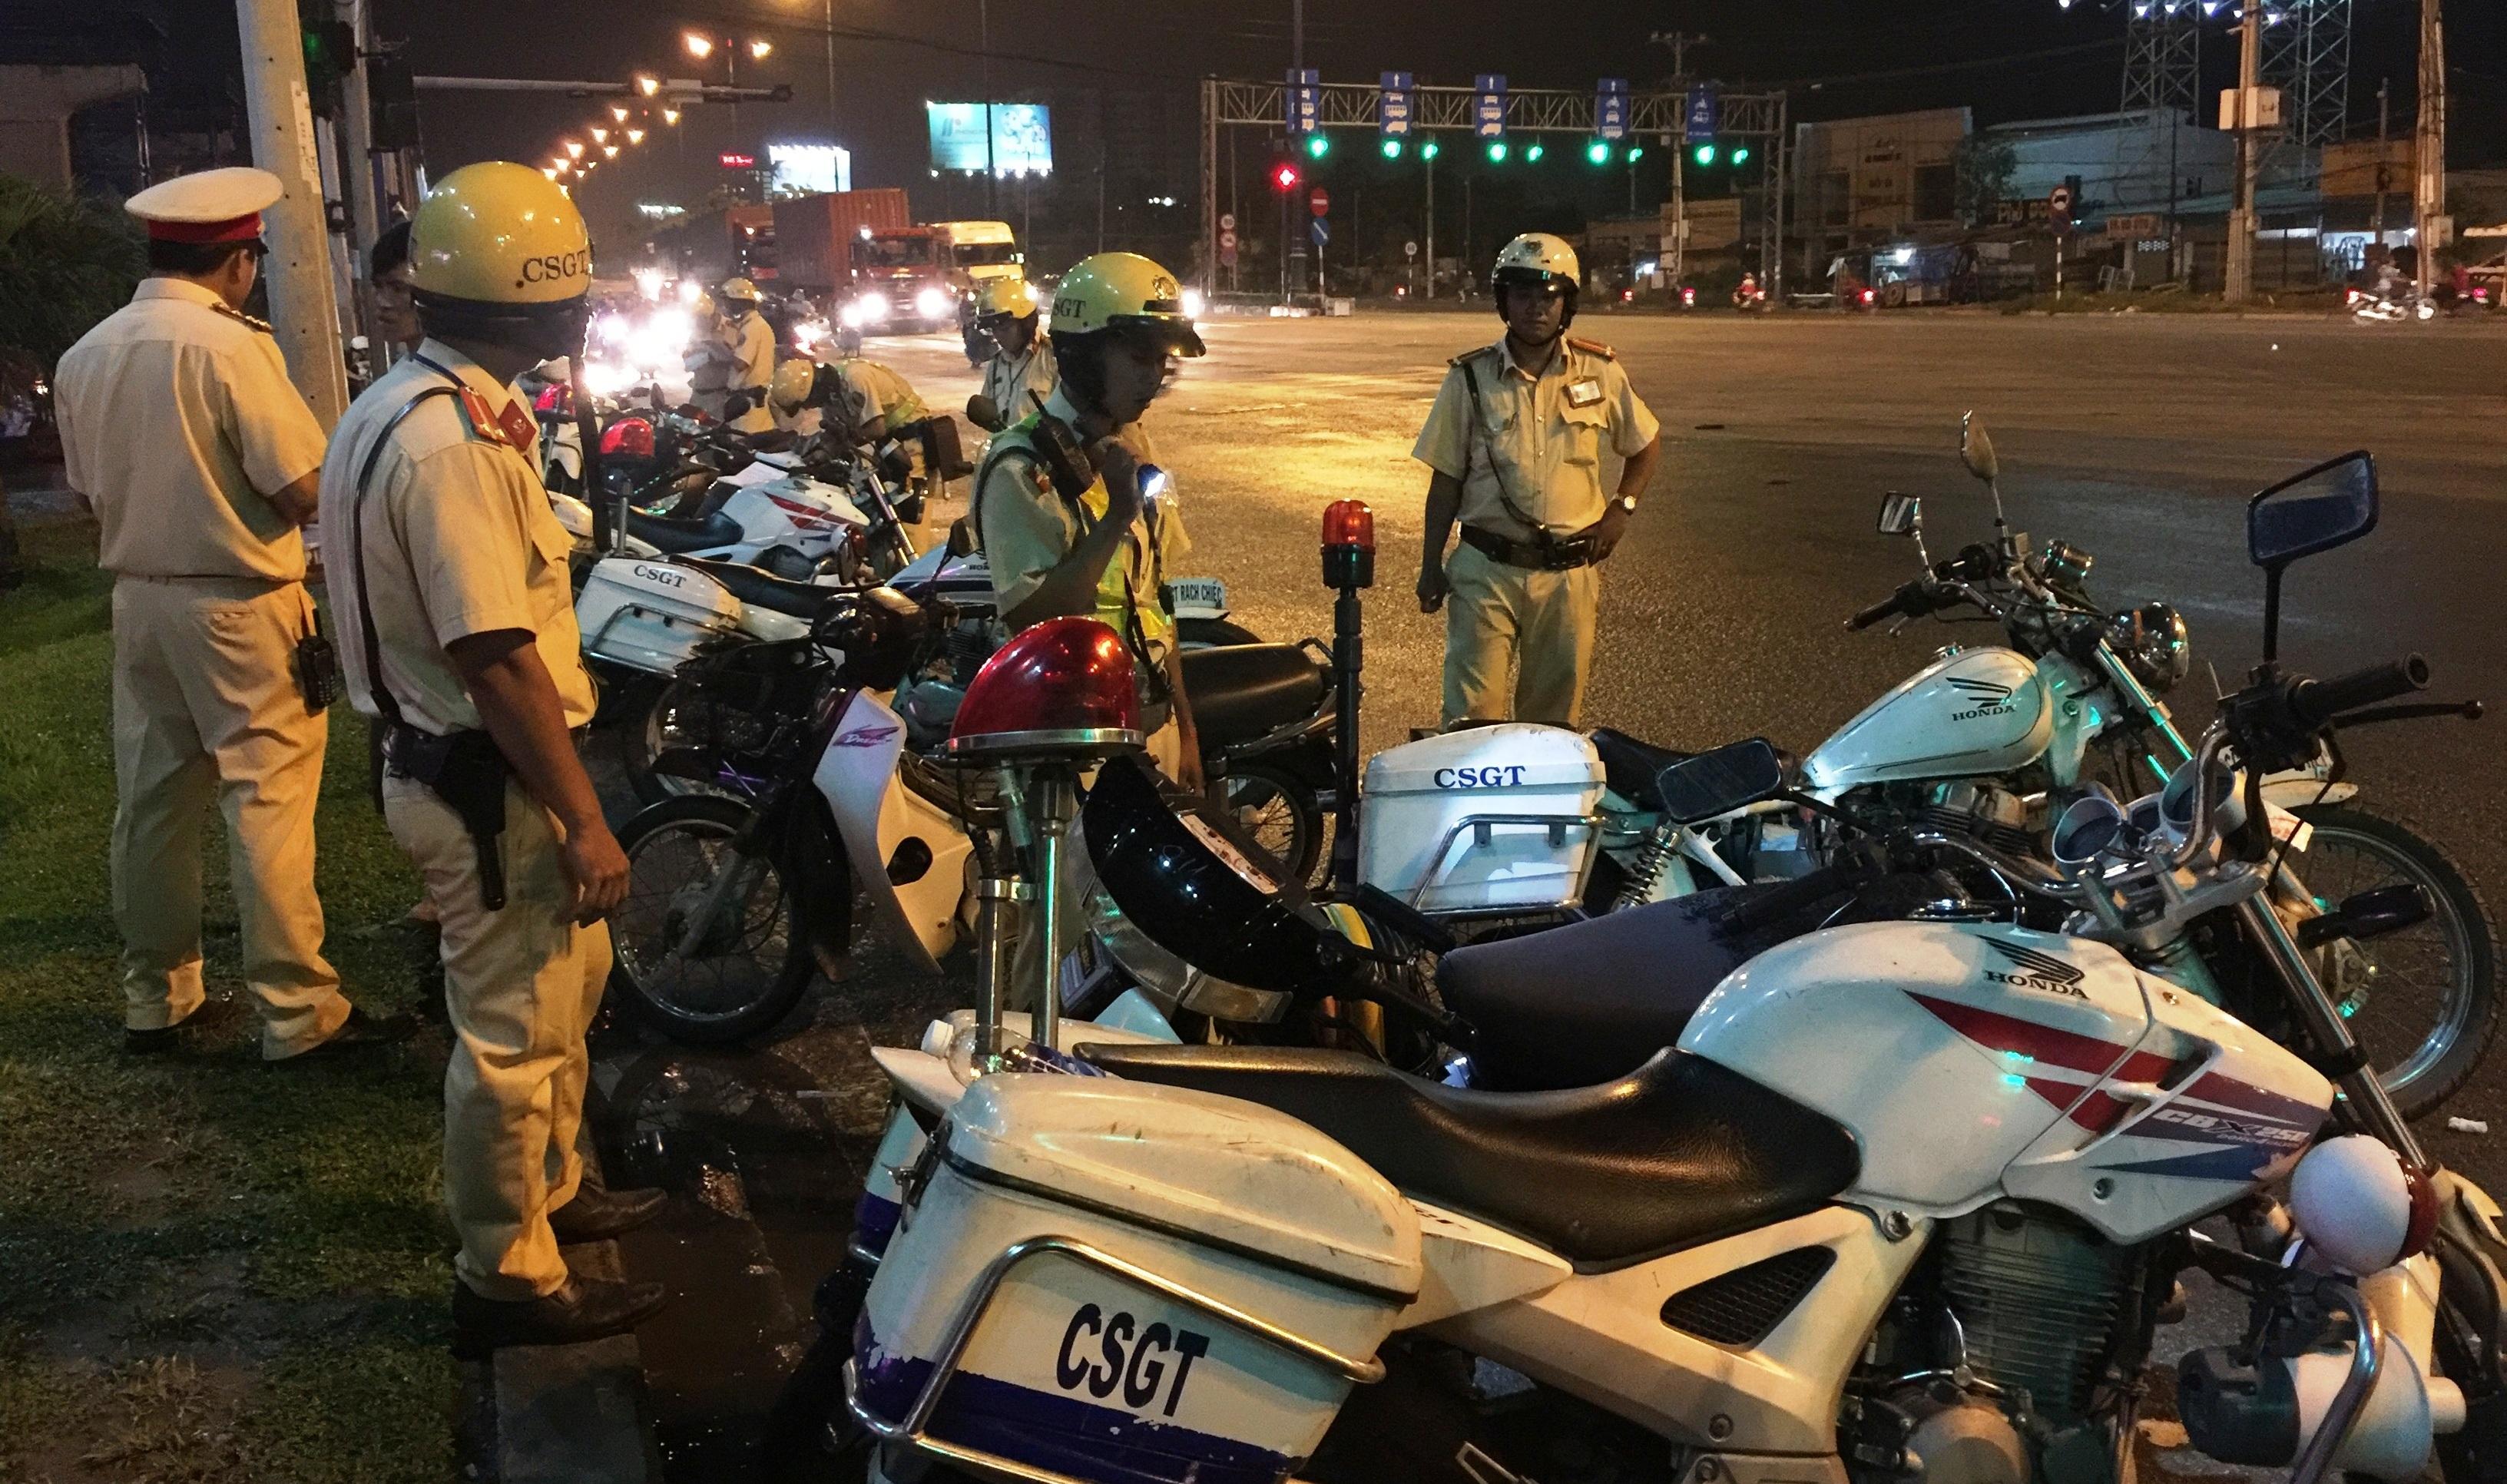 Lực lượng CSGT cửa ngõ Sài Gòn liên tiếp tham gia trấn áp tội phạm